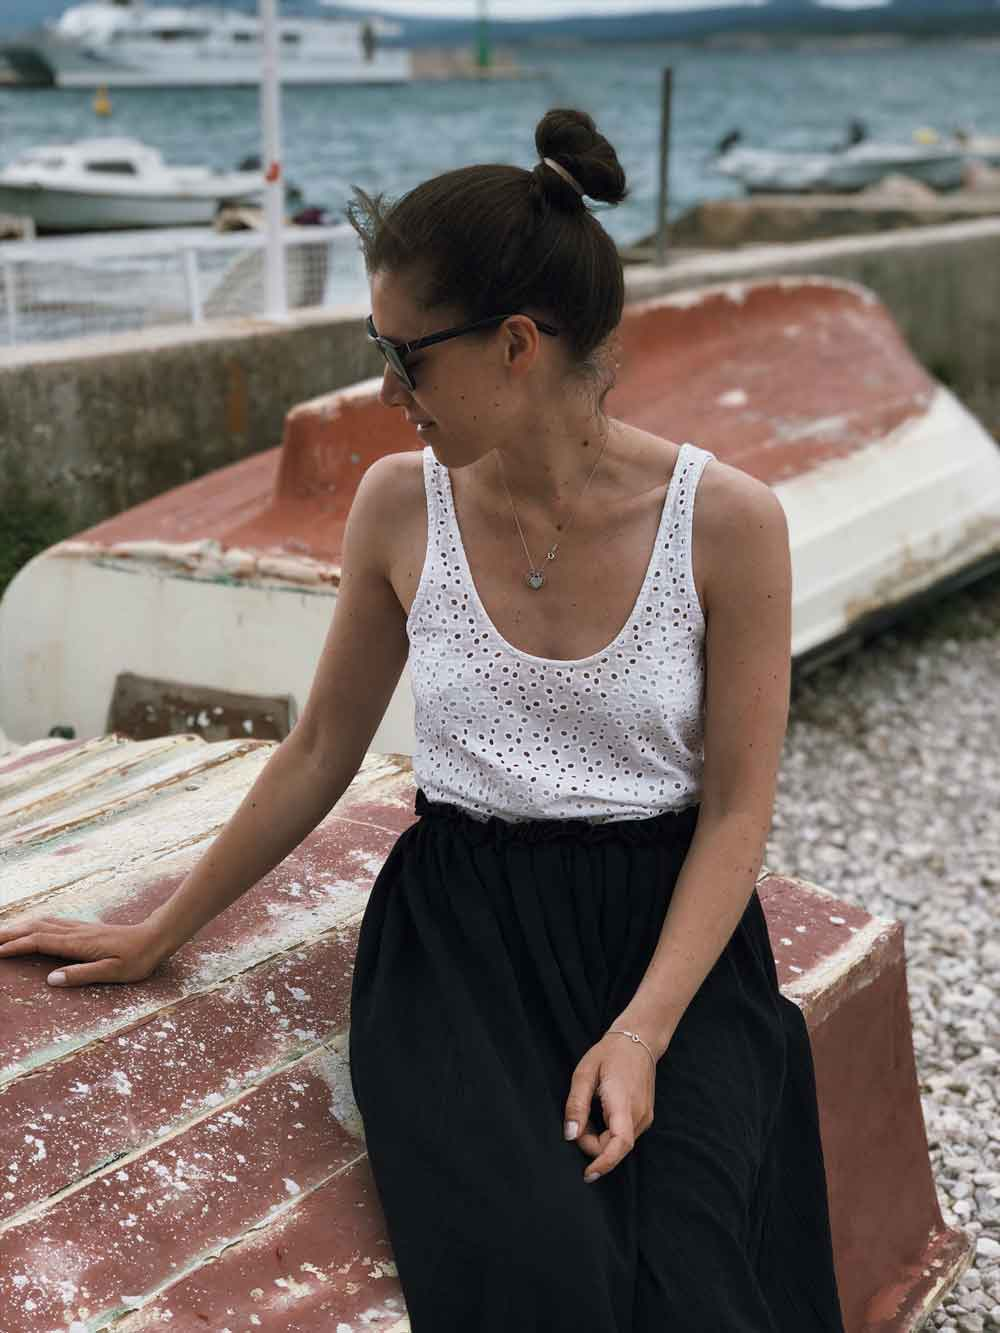 Rock naehen Anleitung maxi Outfit musselin Sommer Meer Strand - Ein Sommerrock   einfach und schnell genäht in unter 30 Minuten